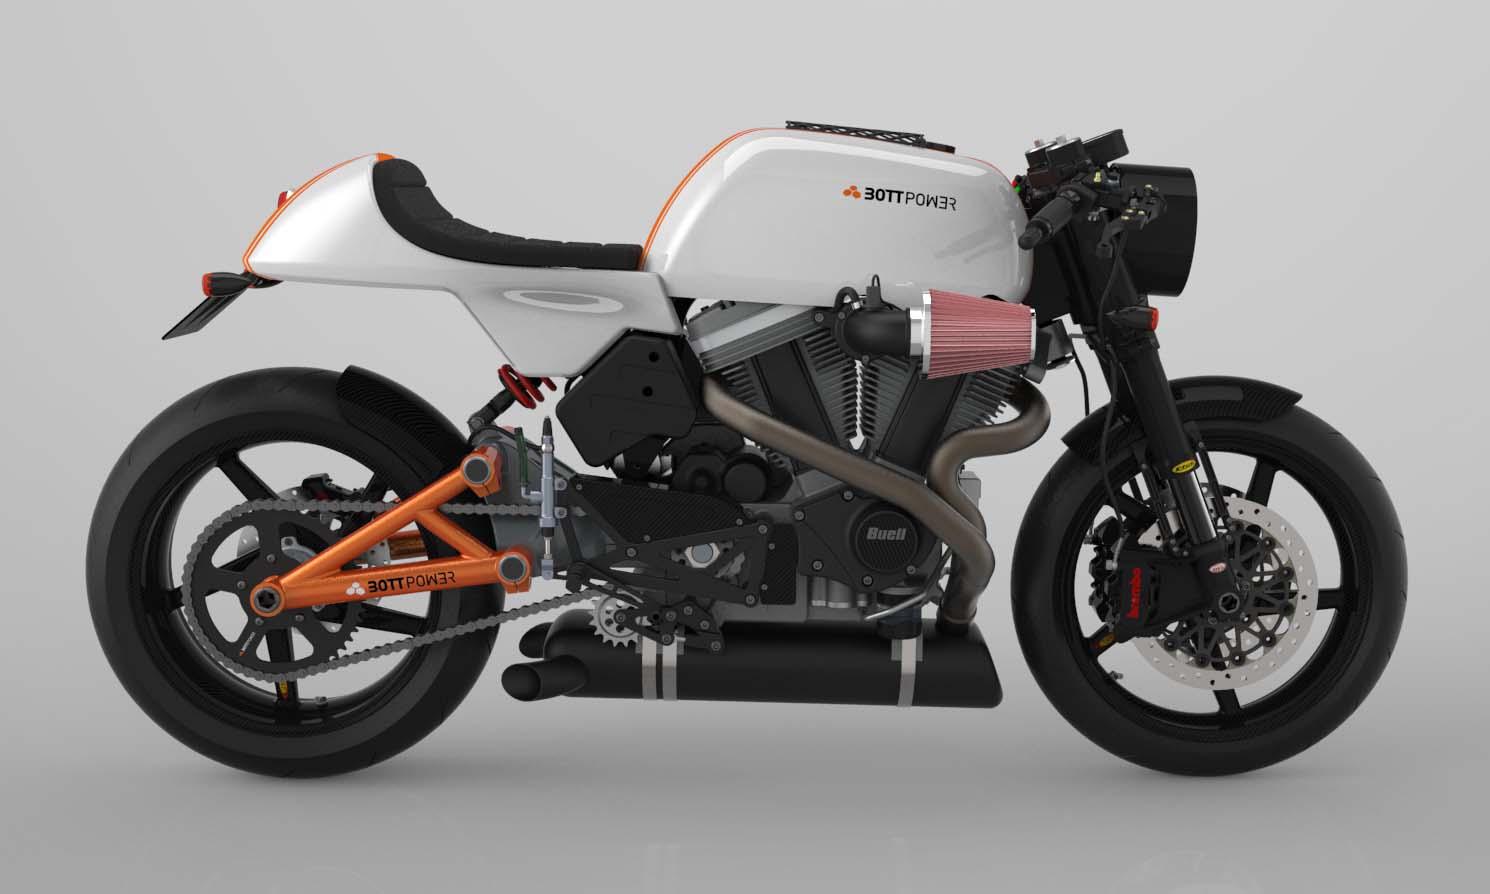 Bottpower's BOTT XC1 Cafe Racer Rendered